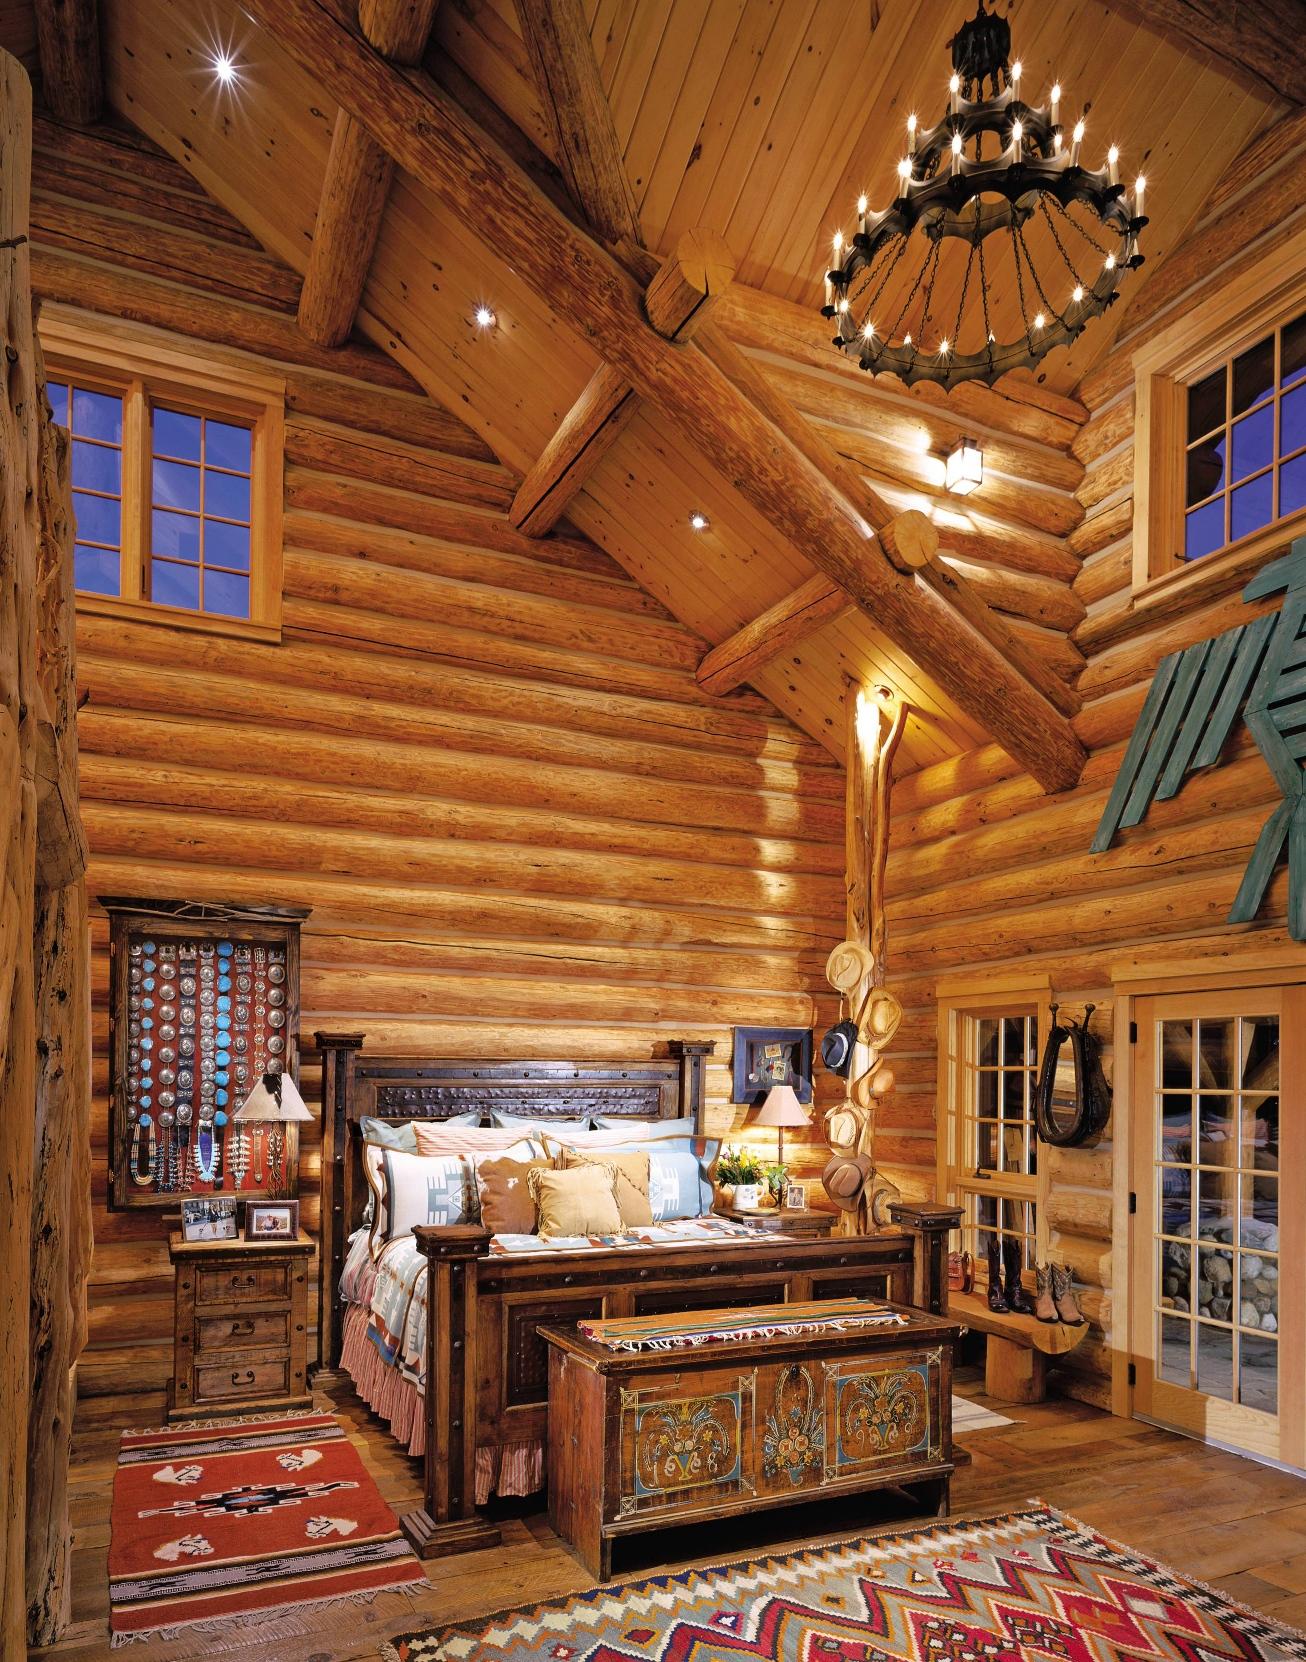 21 rustic bedroom interior design ideas for Interior design ideas 2015